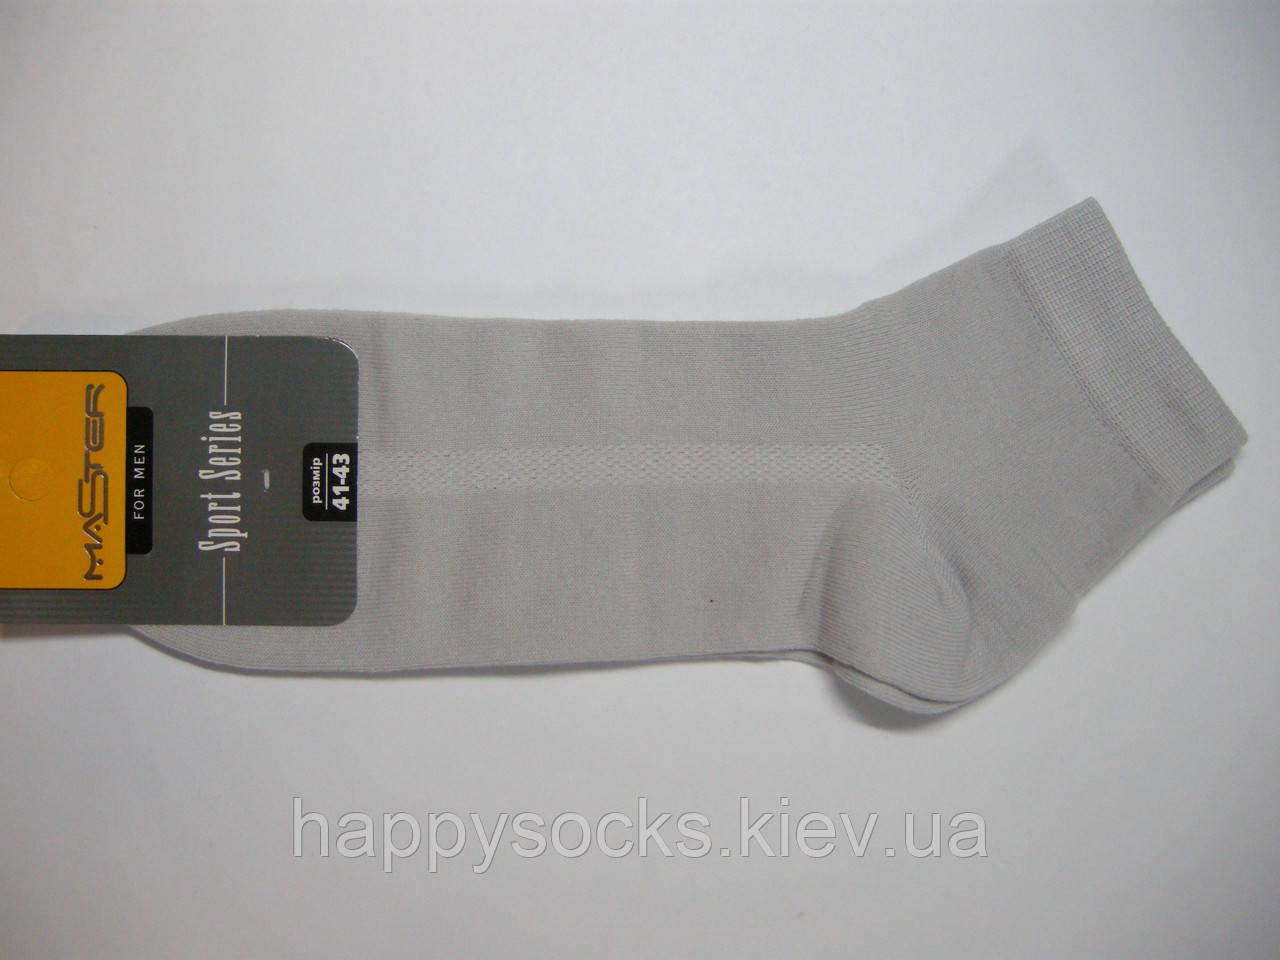 Мужские тонкие летние носки